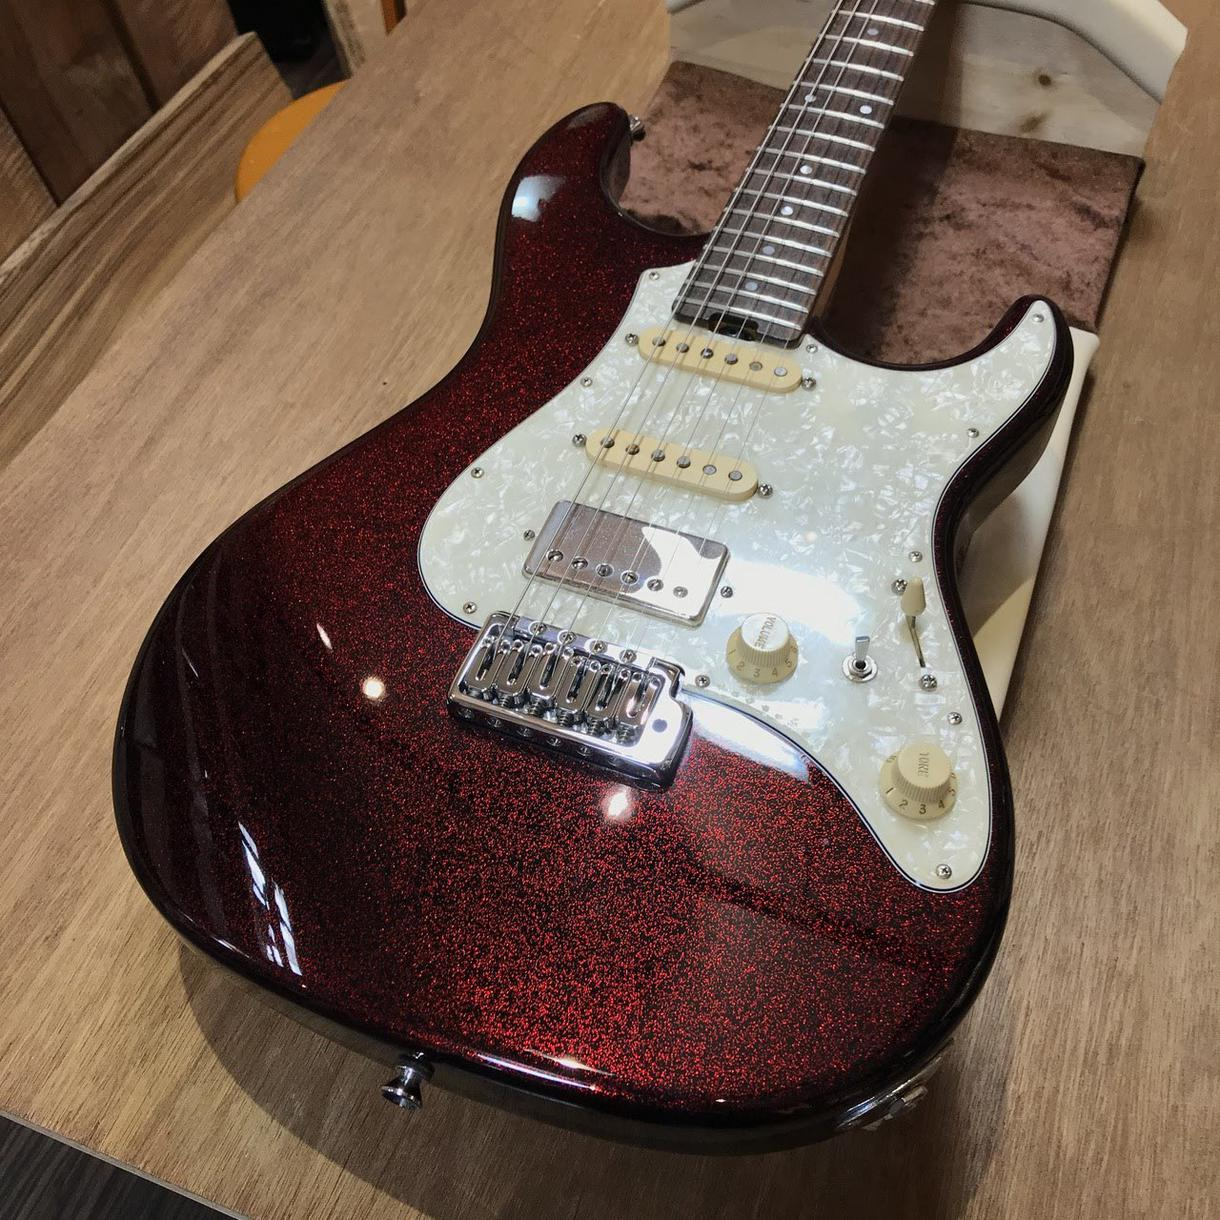 ギターソロその日のうちに付けます 現役ギタリストがかっこいいギターソロを楽曲につけます!!